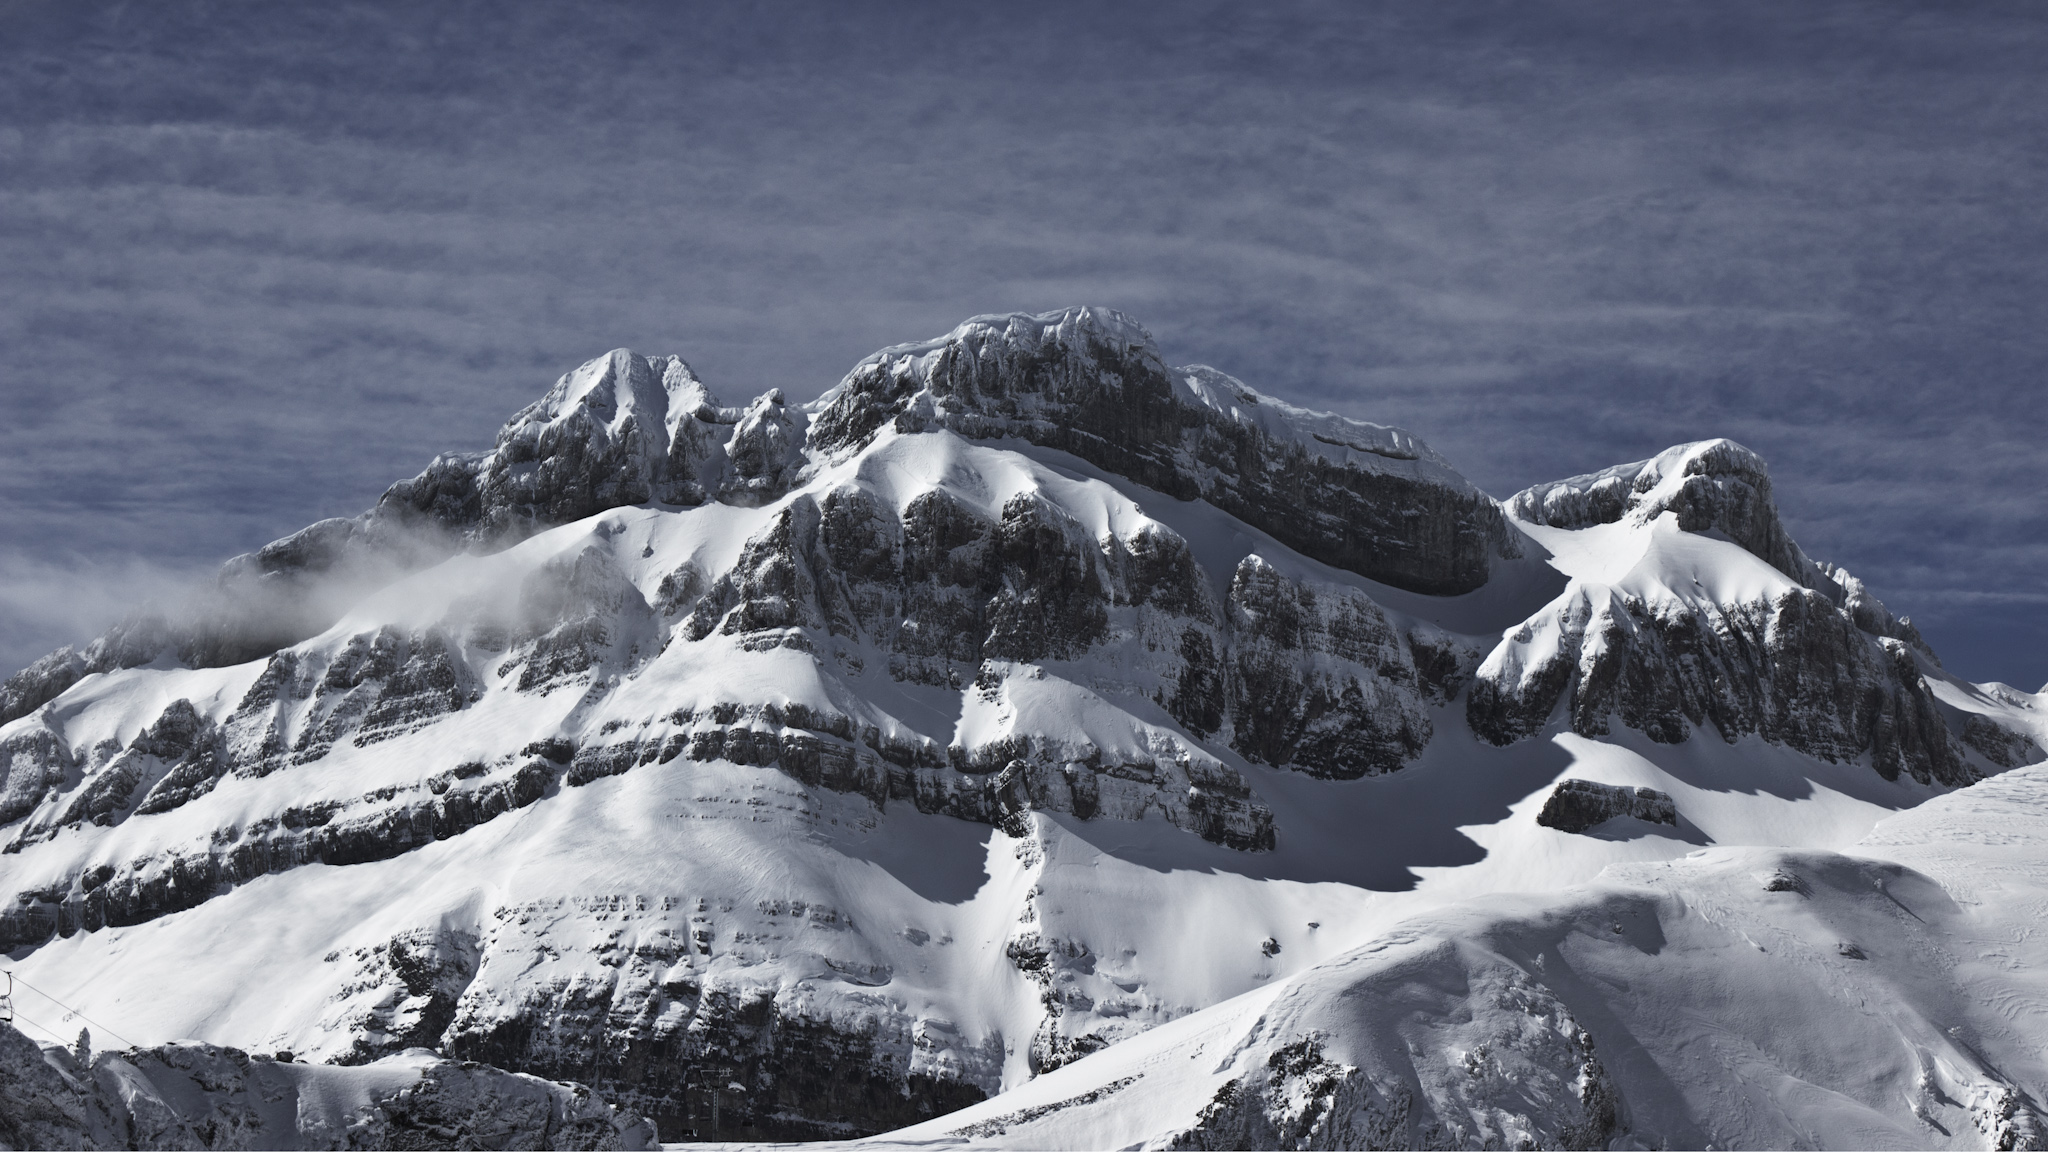 Muralla de Borau - Paisajes del valle - Fotos del Valle del Aragón, Mikel Besga